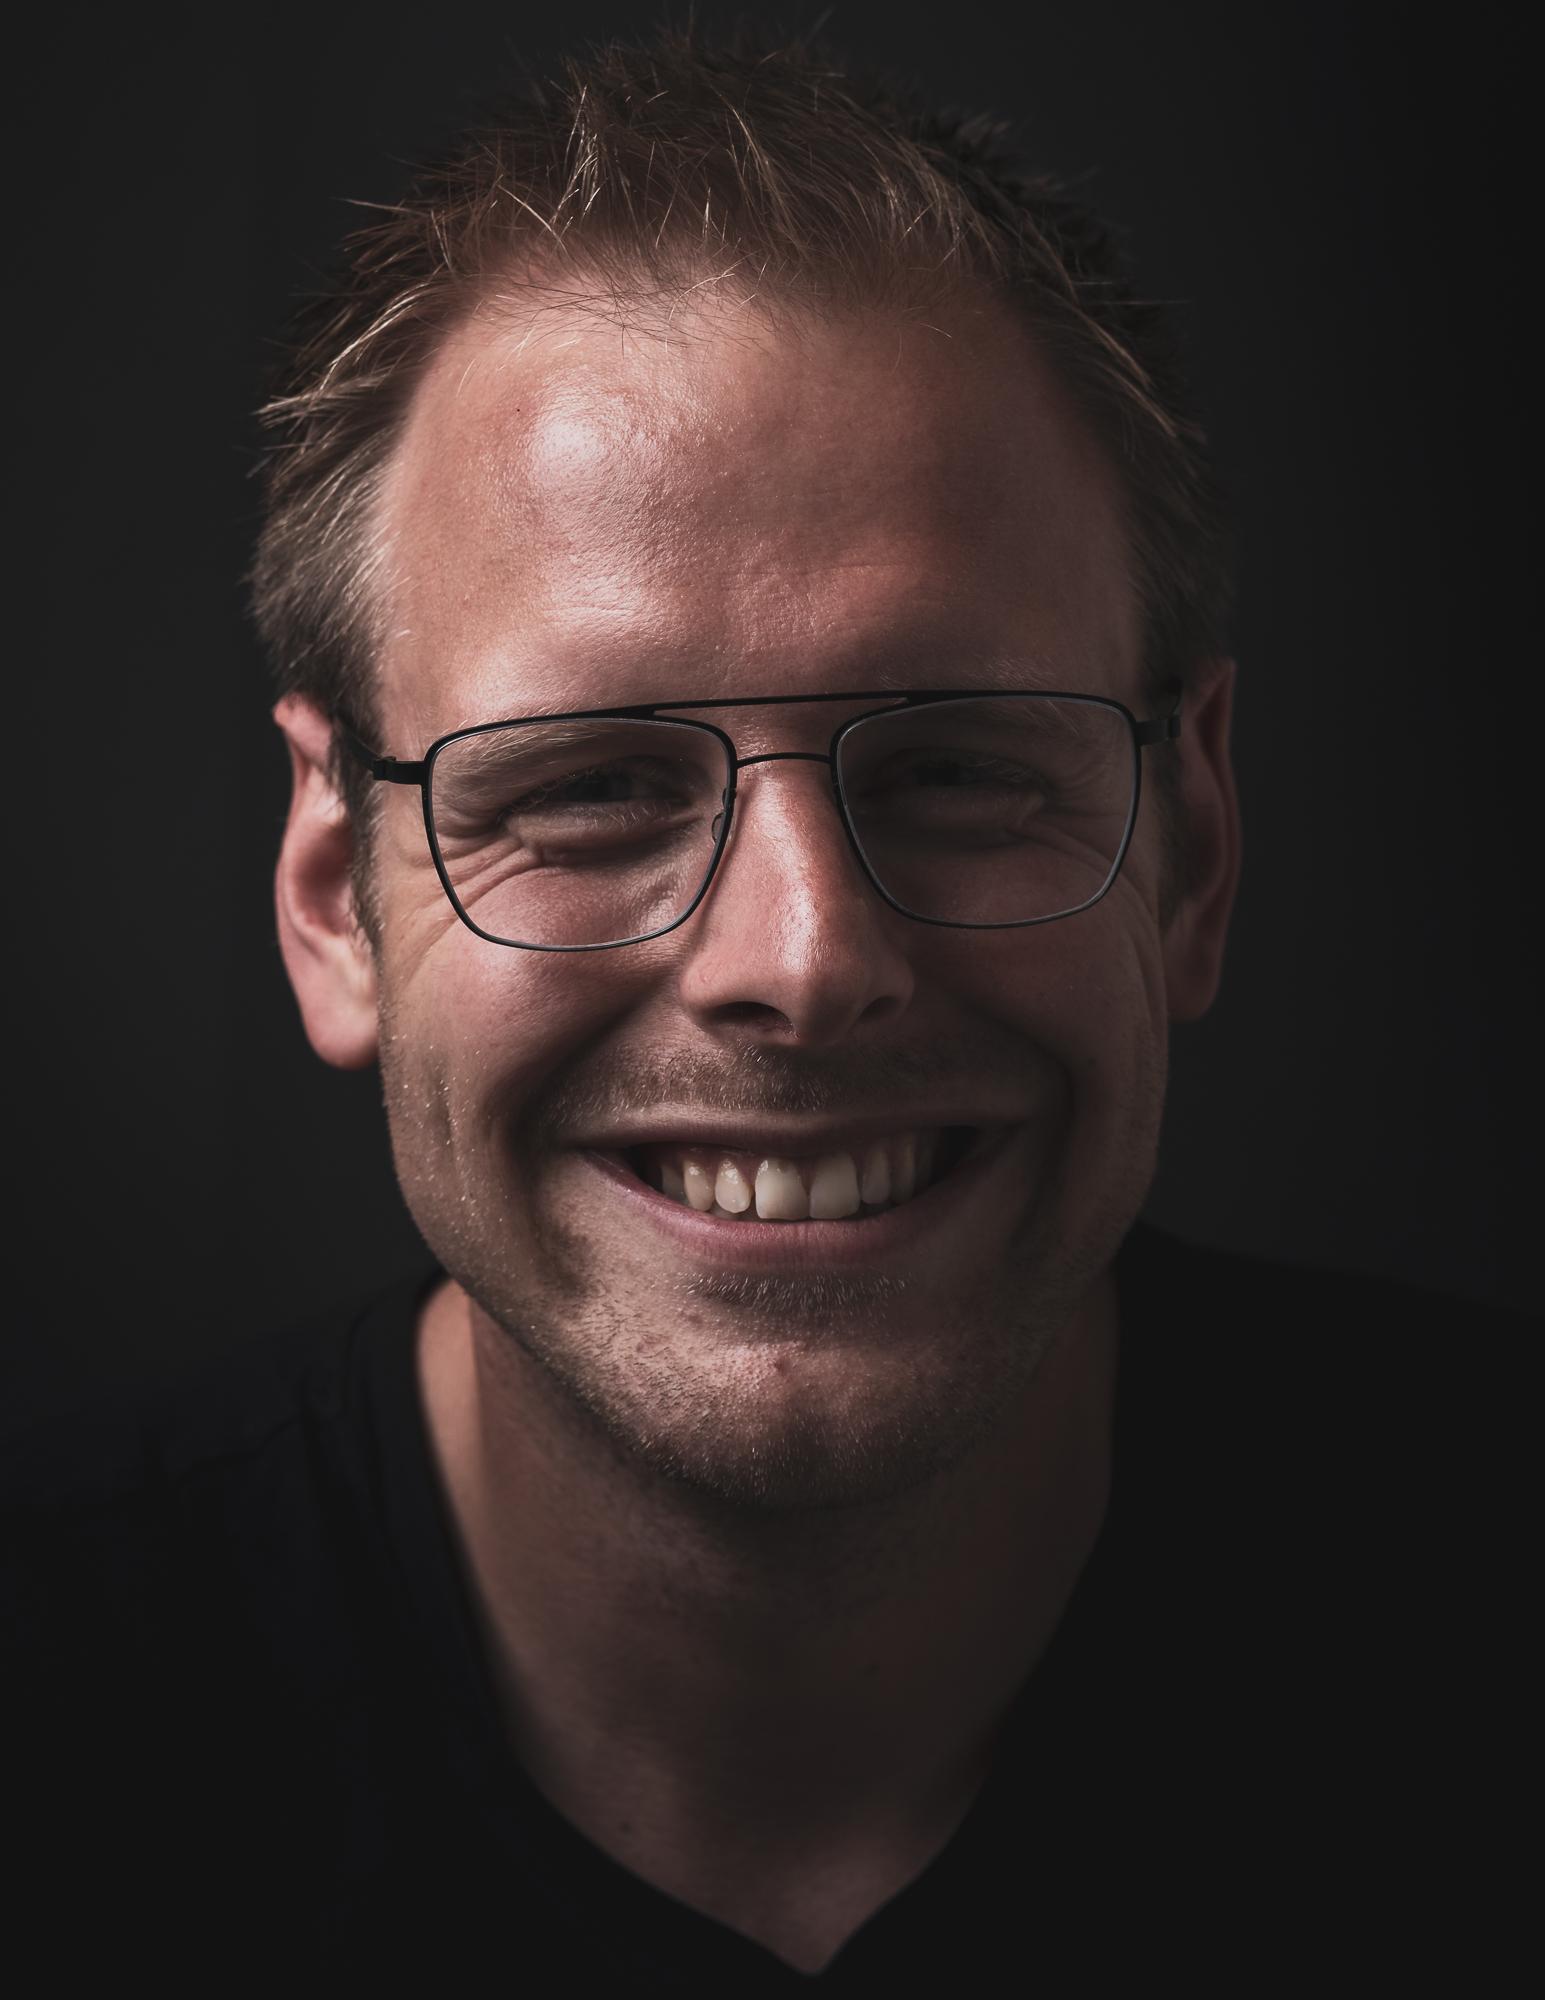 Fotograaf:  Bram van der Horst